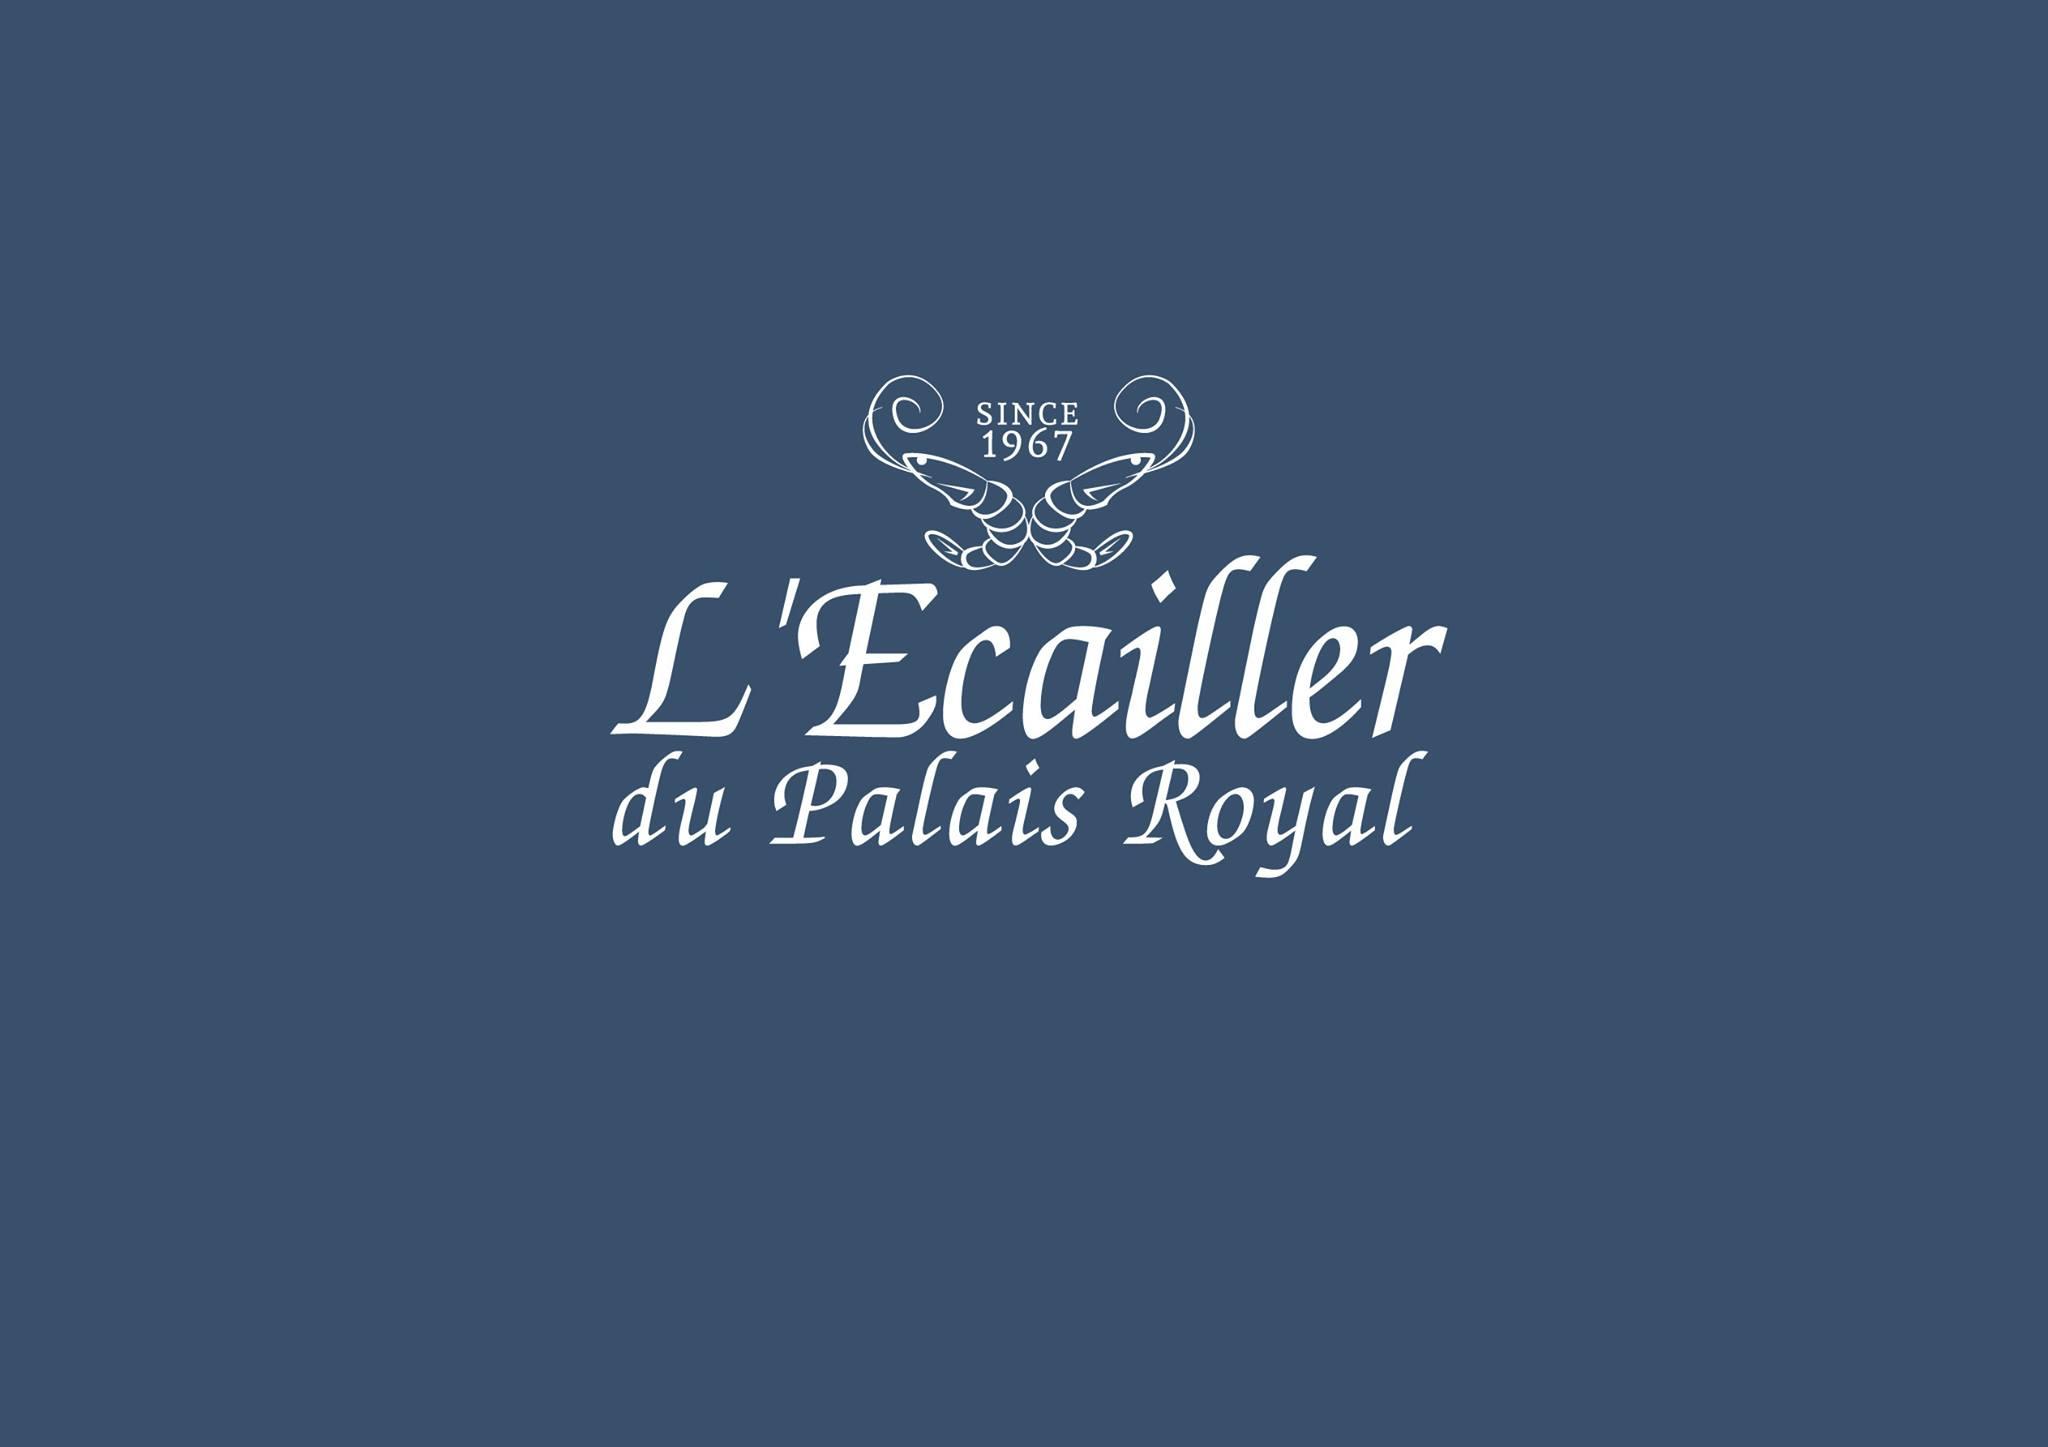 L'ecailler du Palais Royal